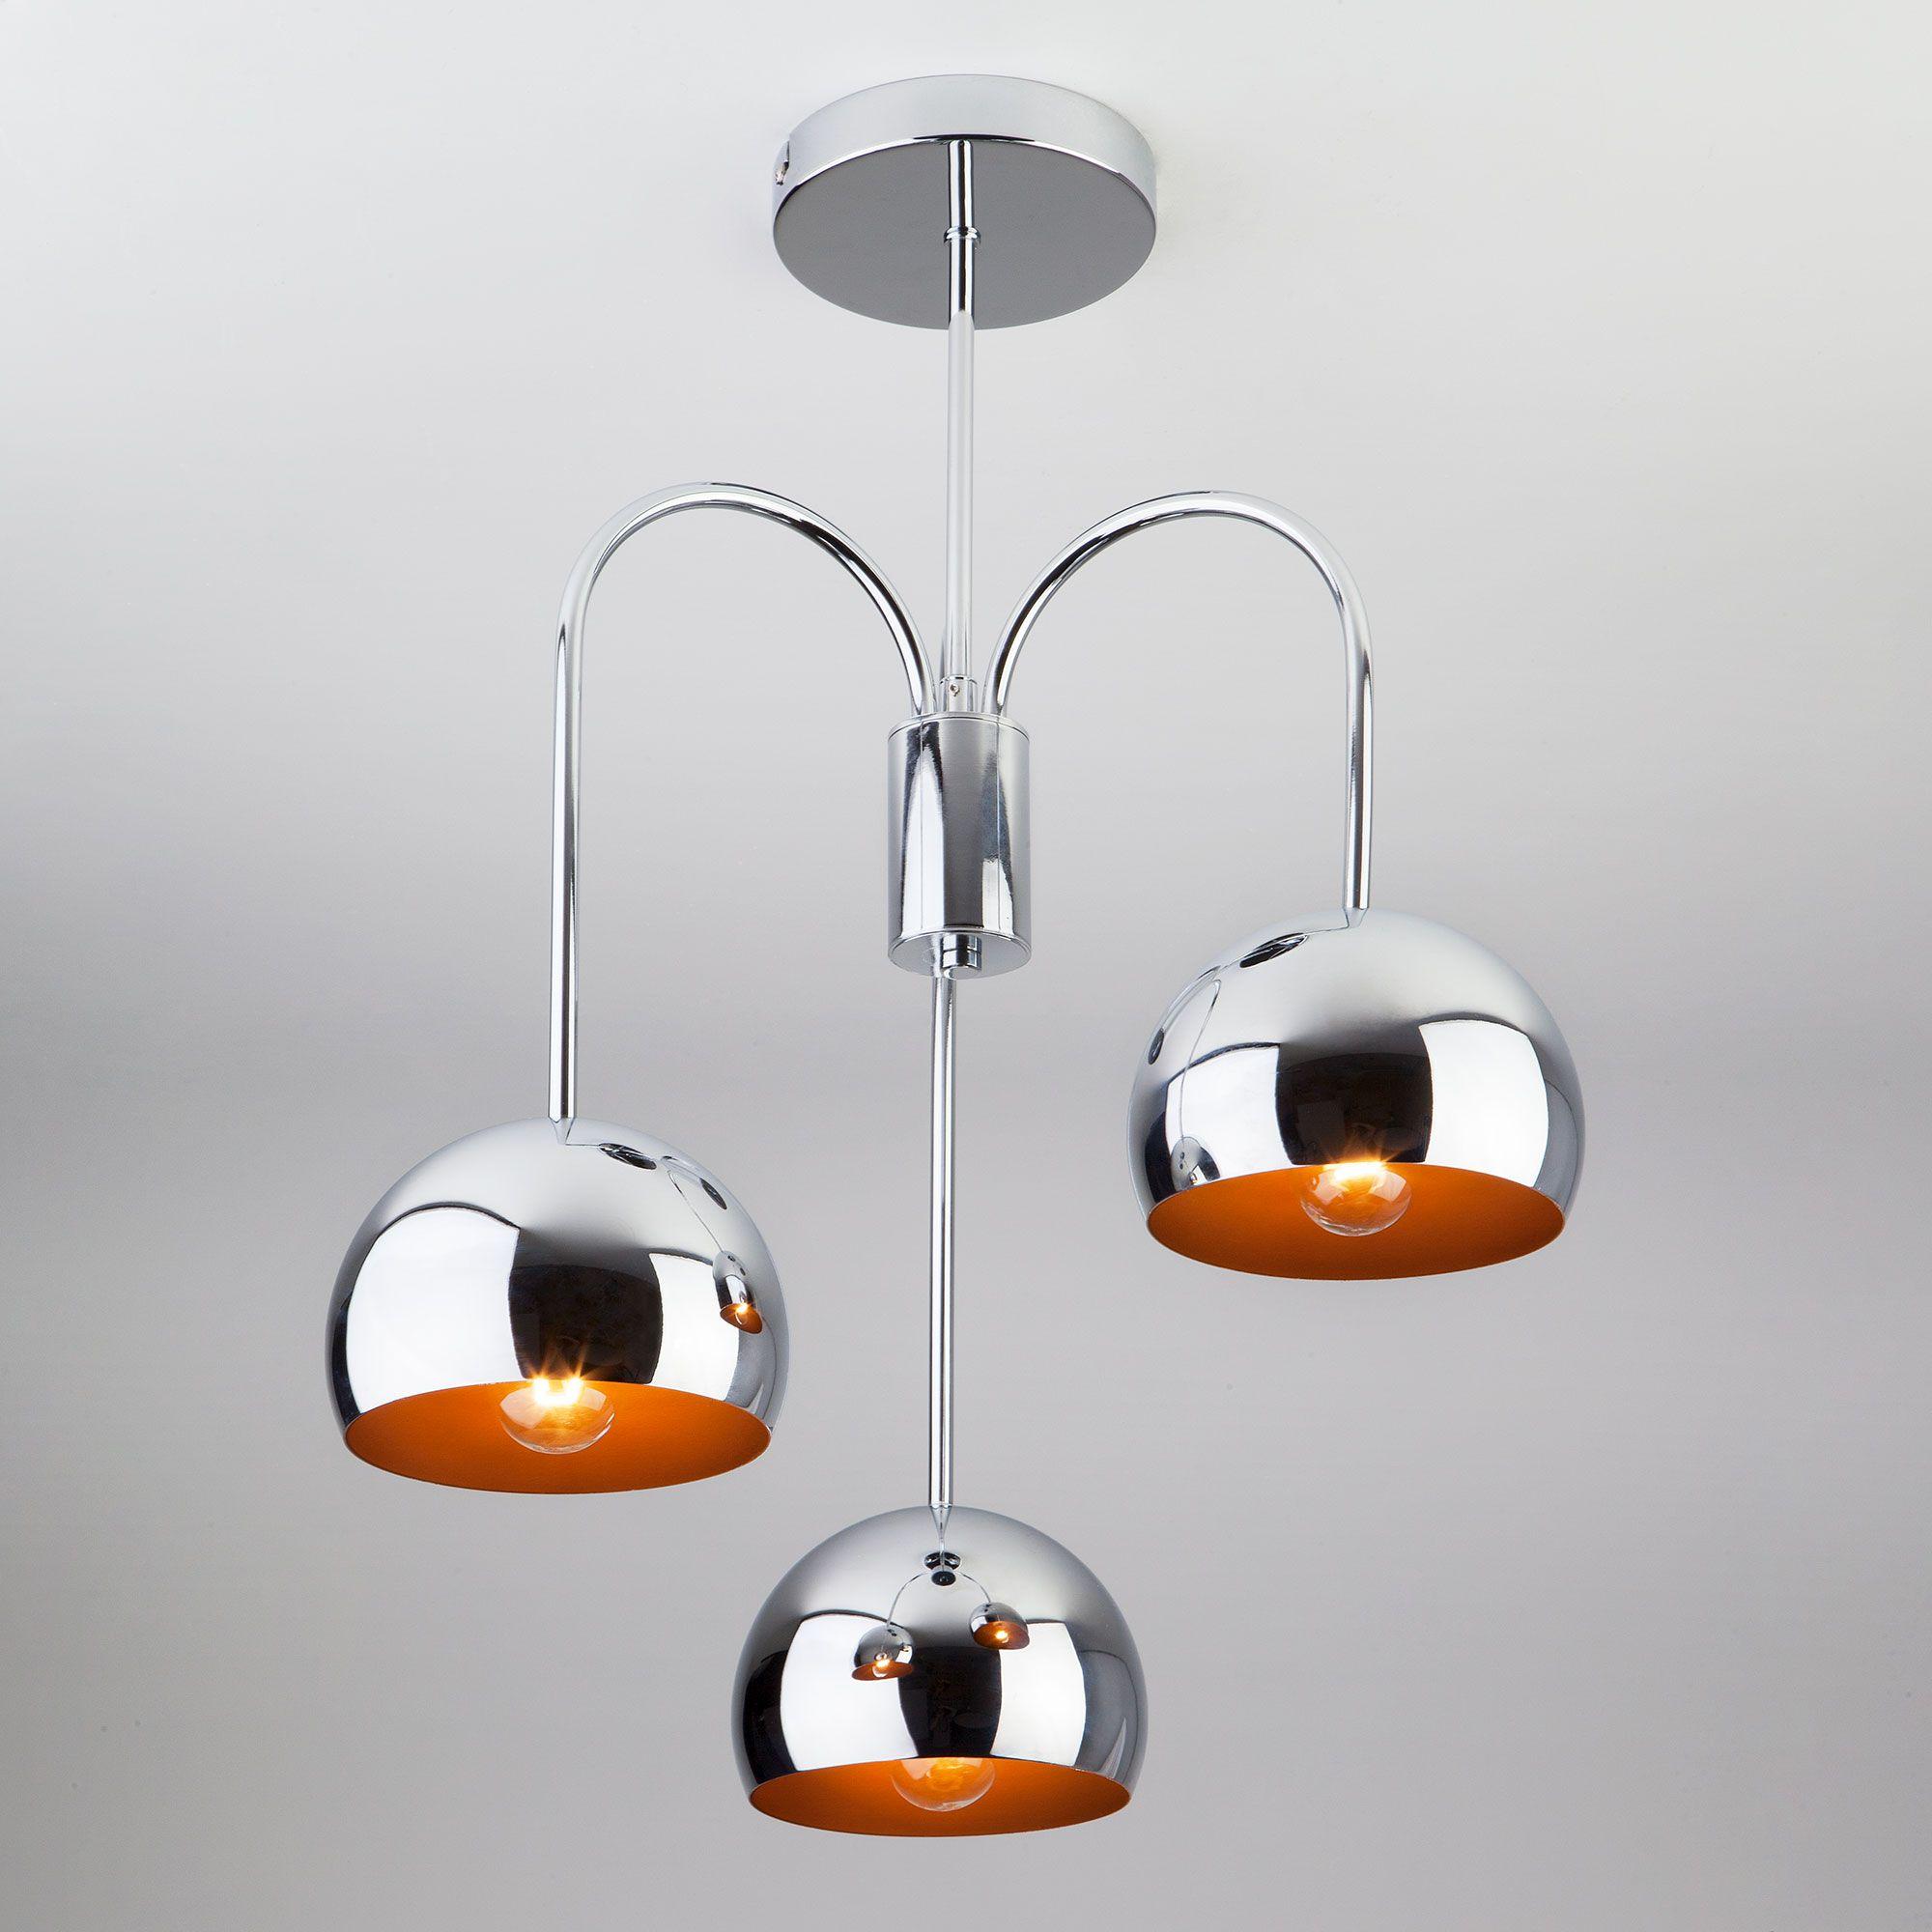 Подвесной светильник хром 70067/3 хром